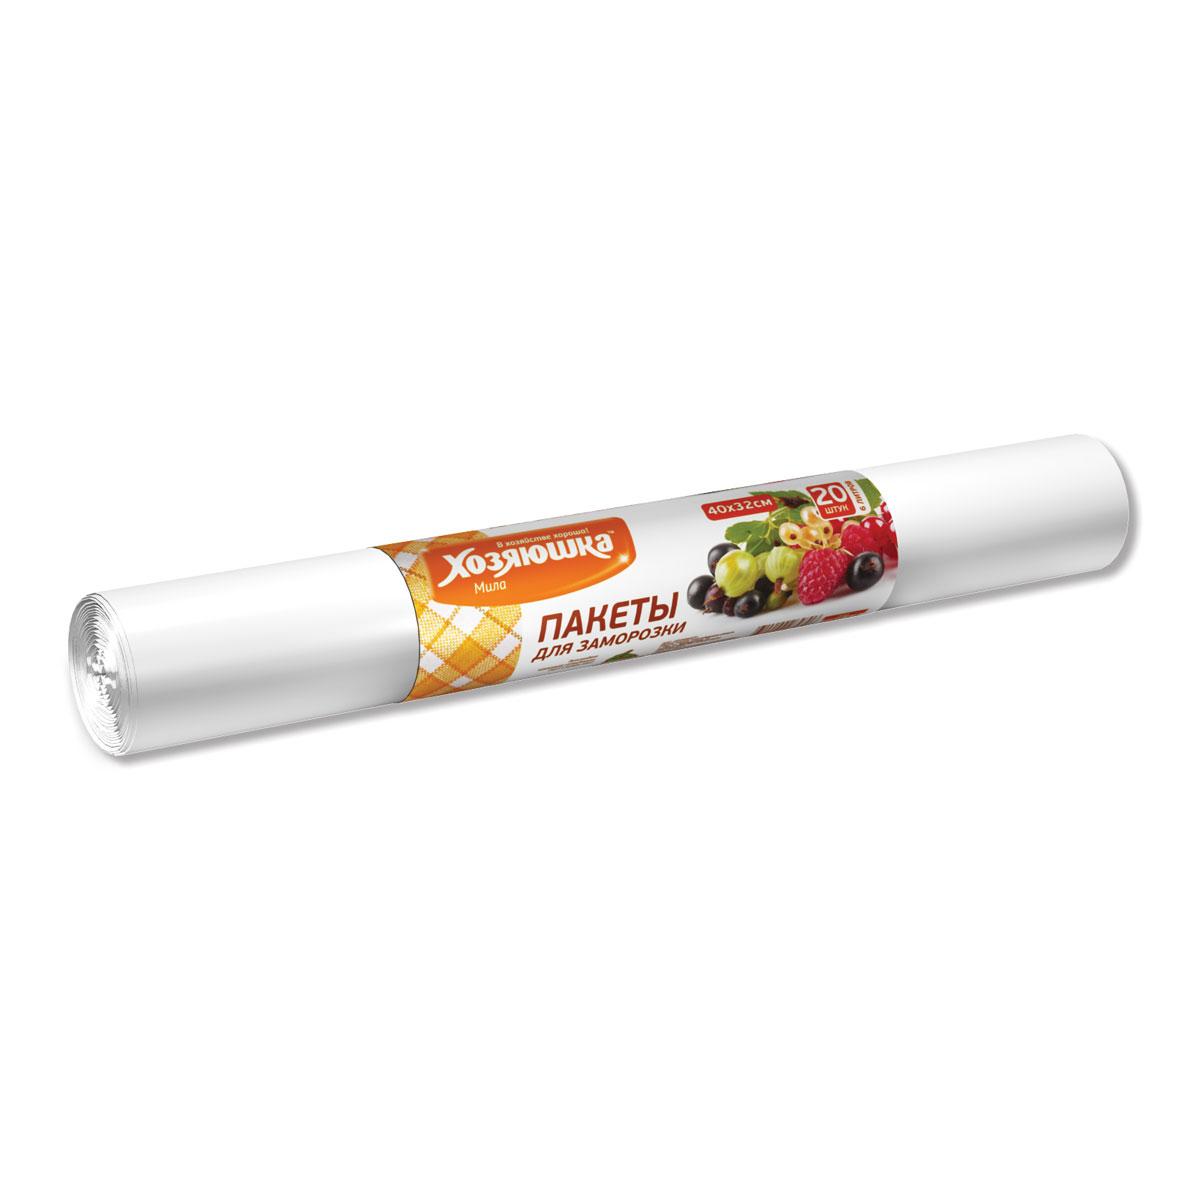 Пакеты для замораживания и хранения Хозяюшка Мила, 6 л, 20 шт09010-110Пакеты Хозяюшка Мила предназначены для хранения и замораживания продуктов. Также их можно использовать для хранения сыпучих продуктов и мелких предметов. Пакеты для замораживания продуктов изготавливаются из высококачественного полиэтилена низкого давления. Выдерживают температуру от -400С до +1150С и могут использоваться не только для замораживания, но также для разогрева, хранения продуктов. Охлаждённые или замороженные продукты можно разогревать / размораживать в микроволновой печи, не вынимая из пакета. Замороженные продукты не прилипают к пакету.